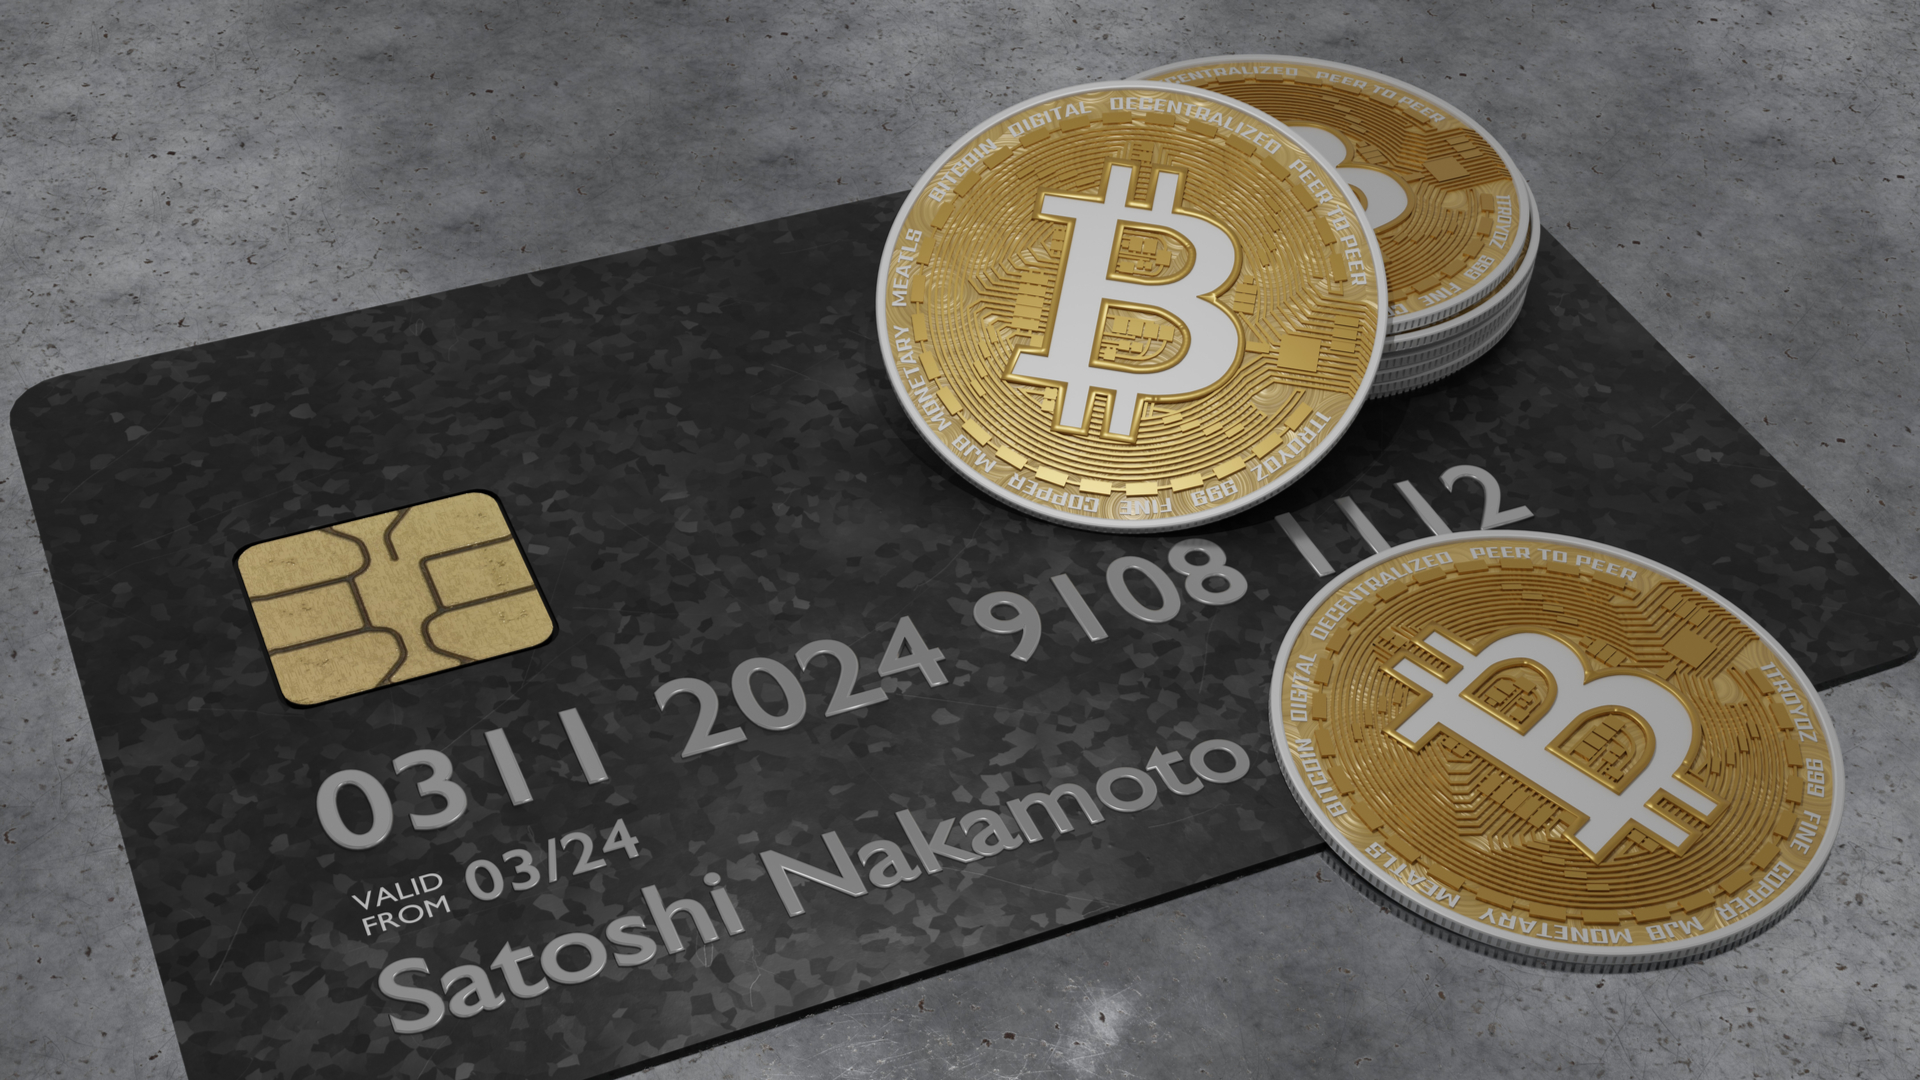 Polícia apreende R$15 milhões em bitcoin de adolescente